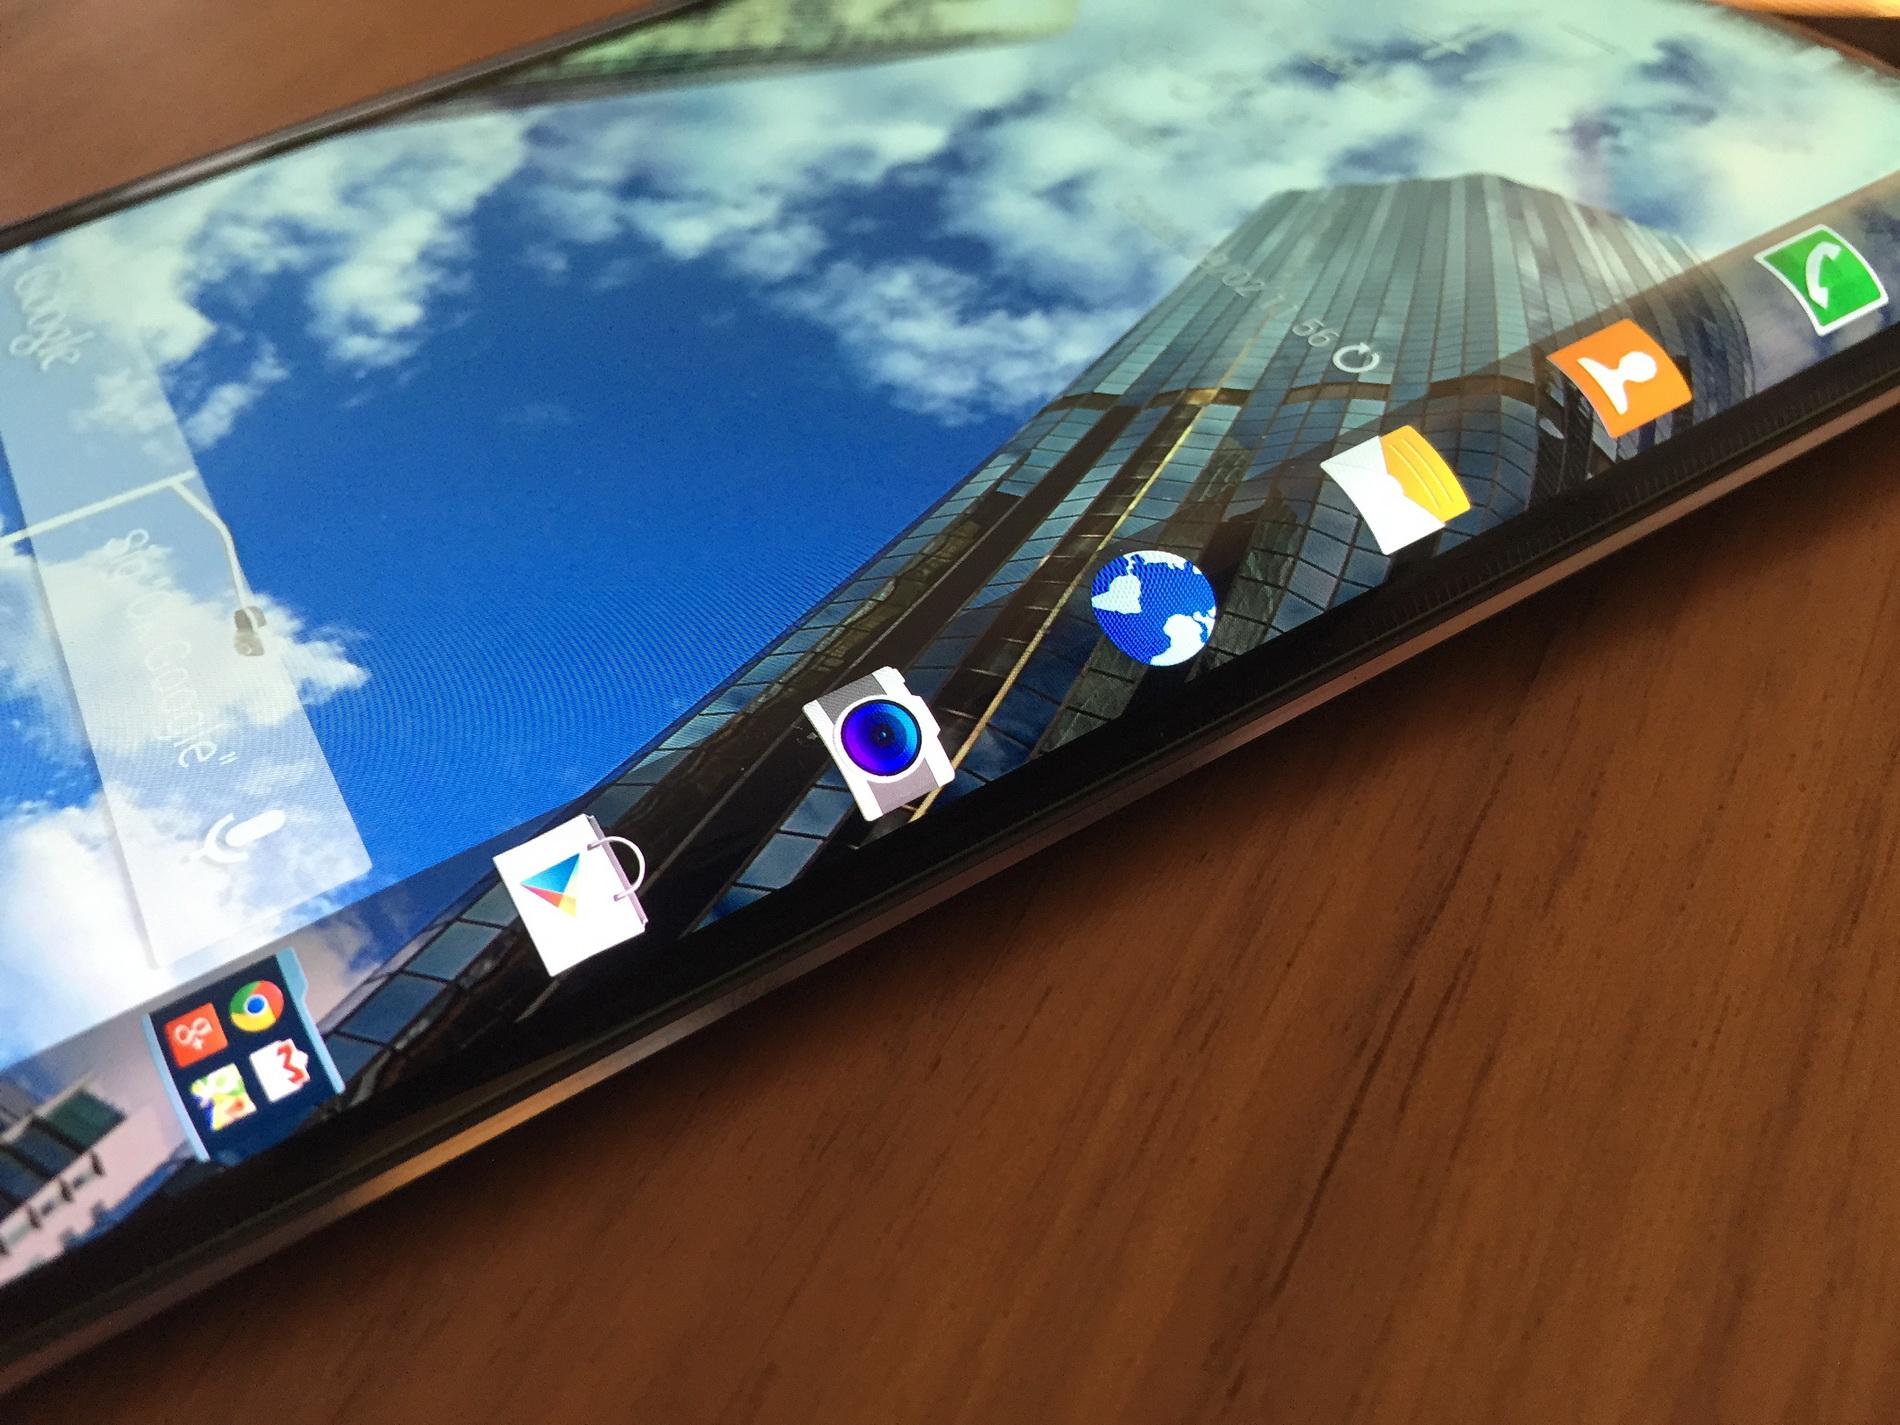 Samsung Galaxy Note Edge er landet på redaktionen